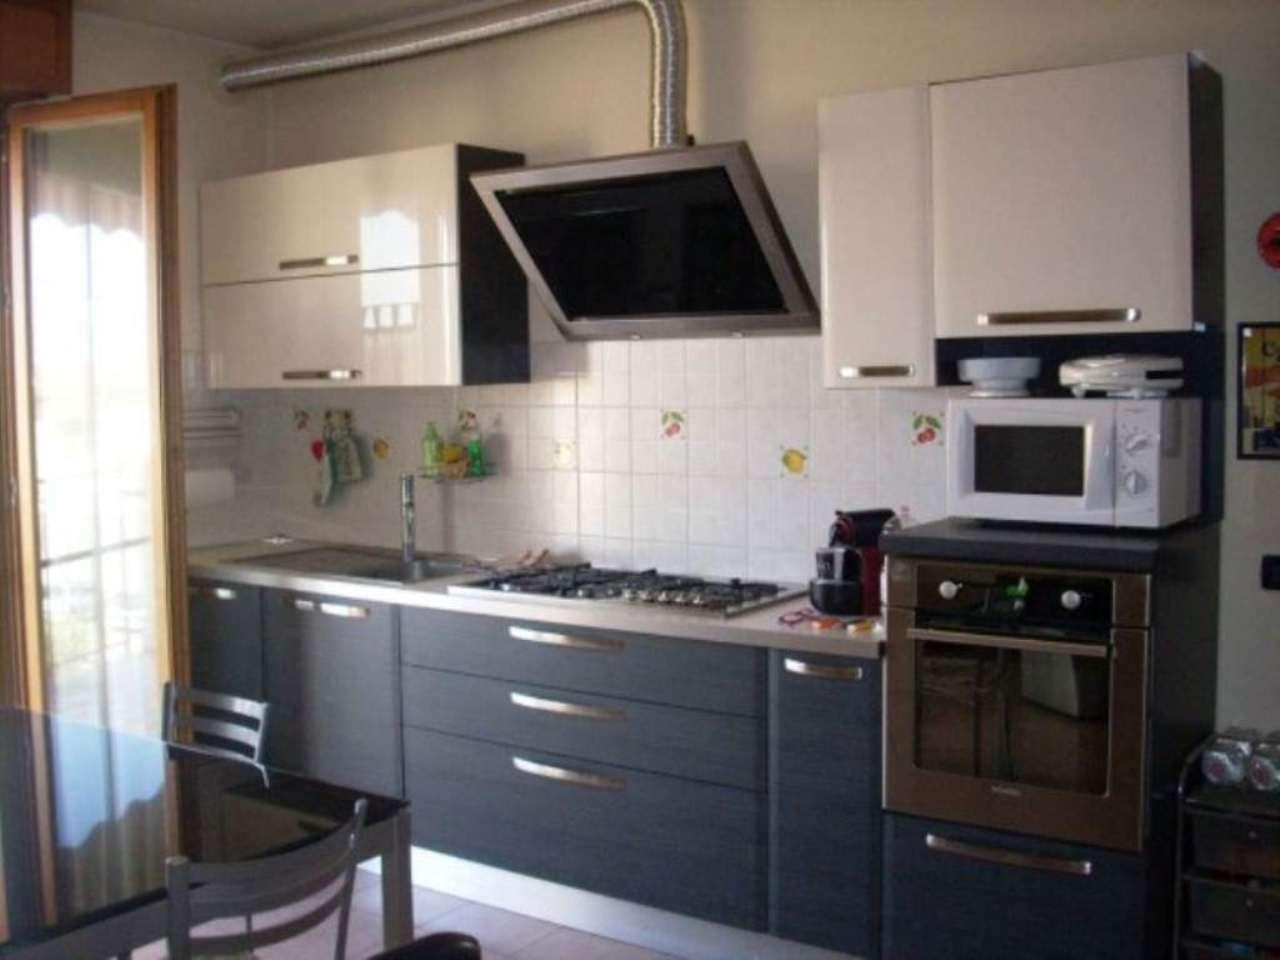 Appartamento in vendita a Mozzanica, 2 locali, prezzo € 125.000 | Cambio Casa.it